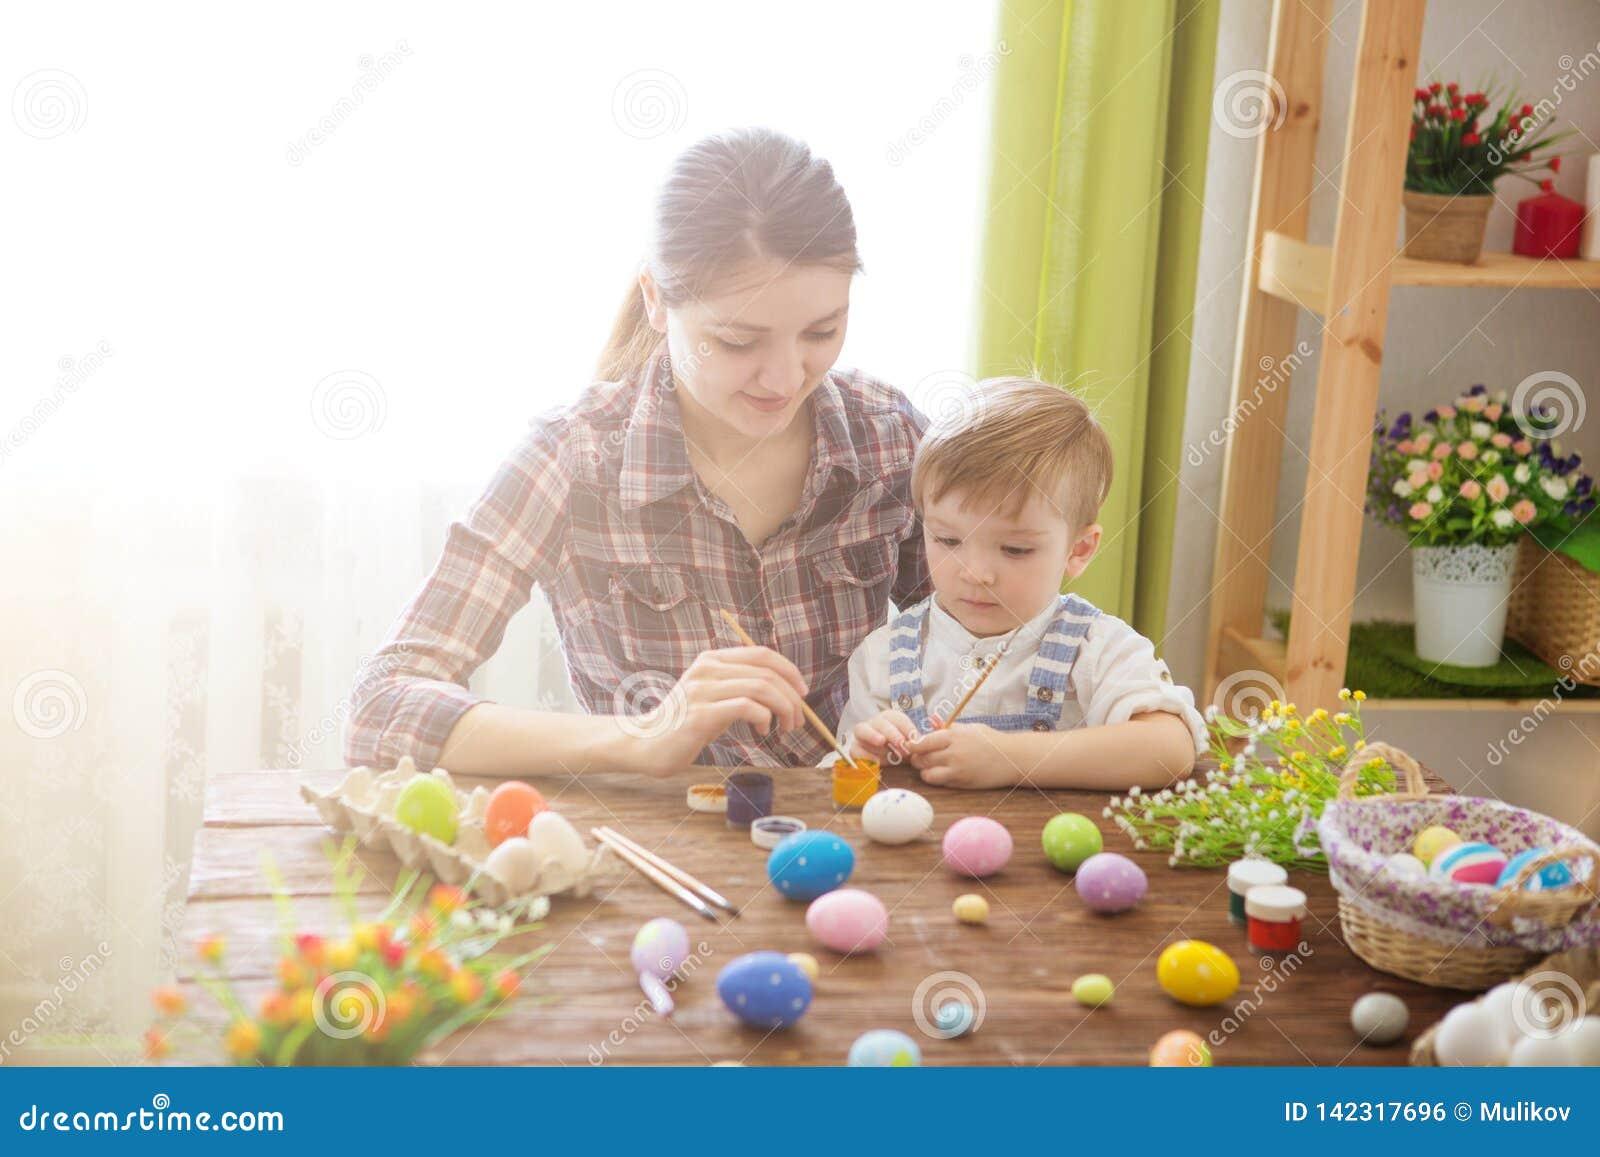 Ευτυχής οικογένεια Mom και αυγά Πάσχας χρωμάτων γιων παιδιών με τα χρώματα Προετοιμασία για τις διακοπές